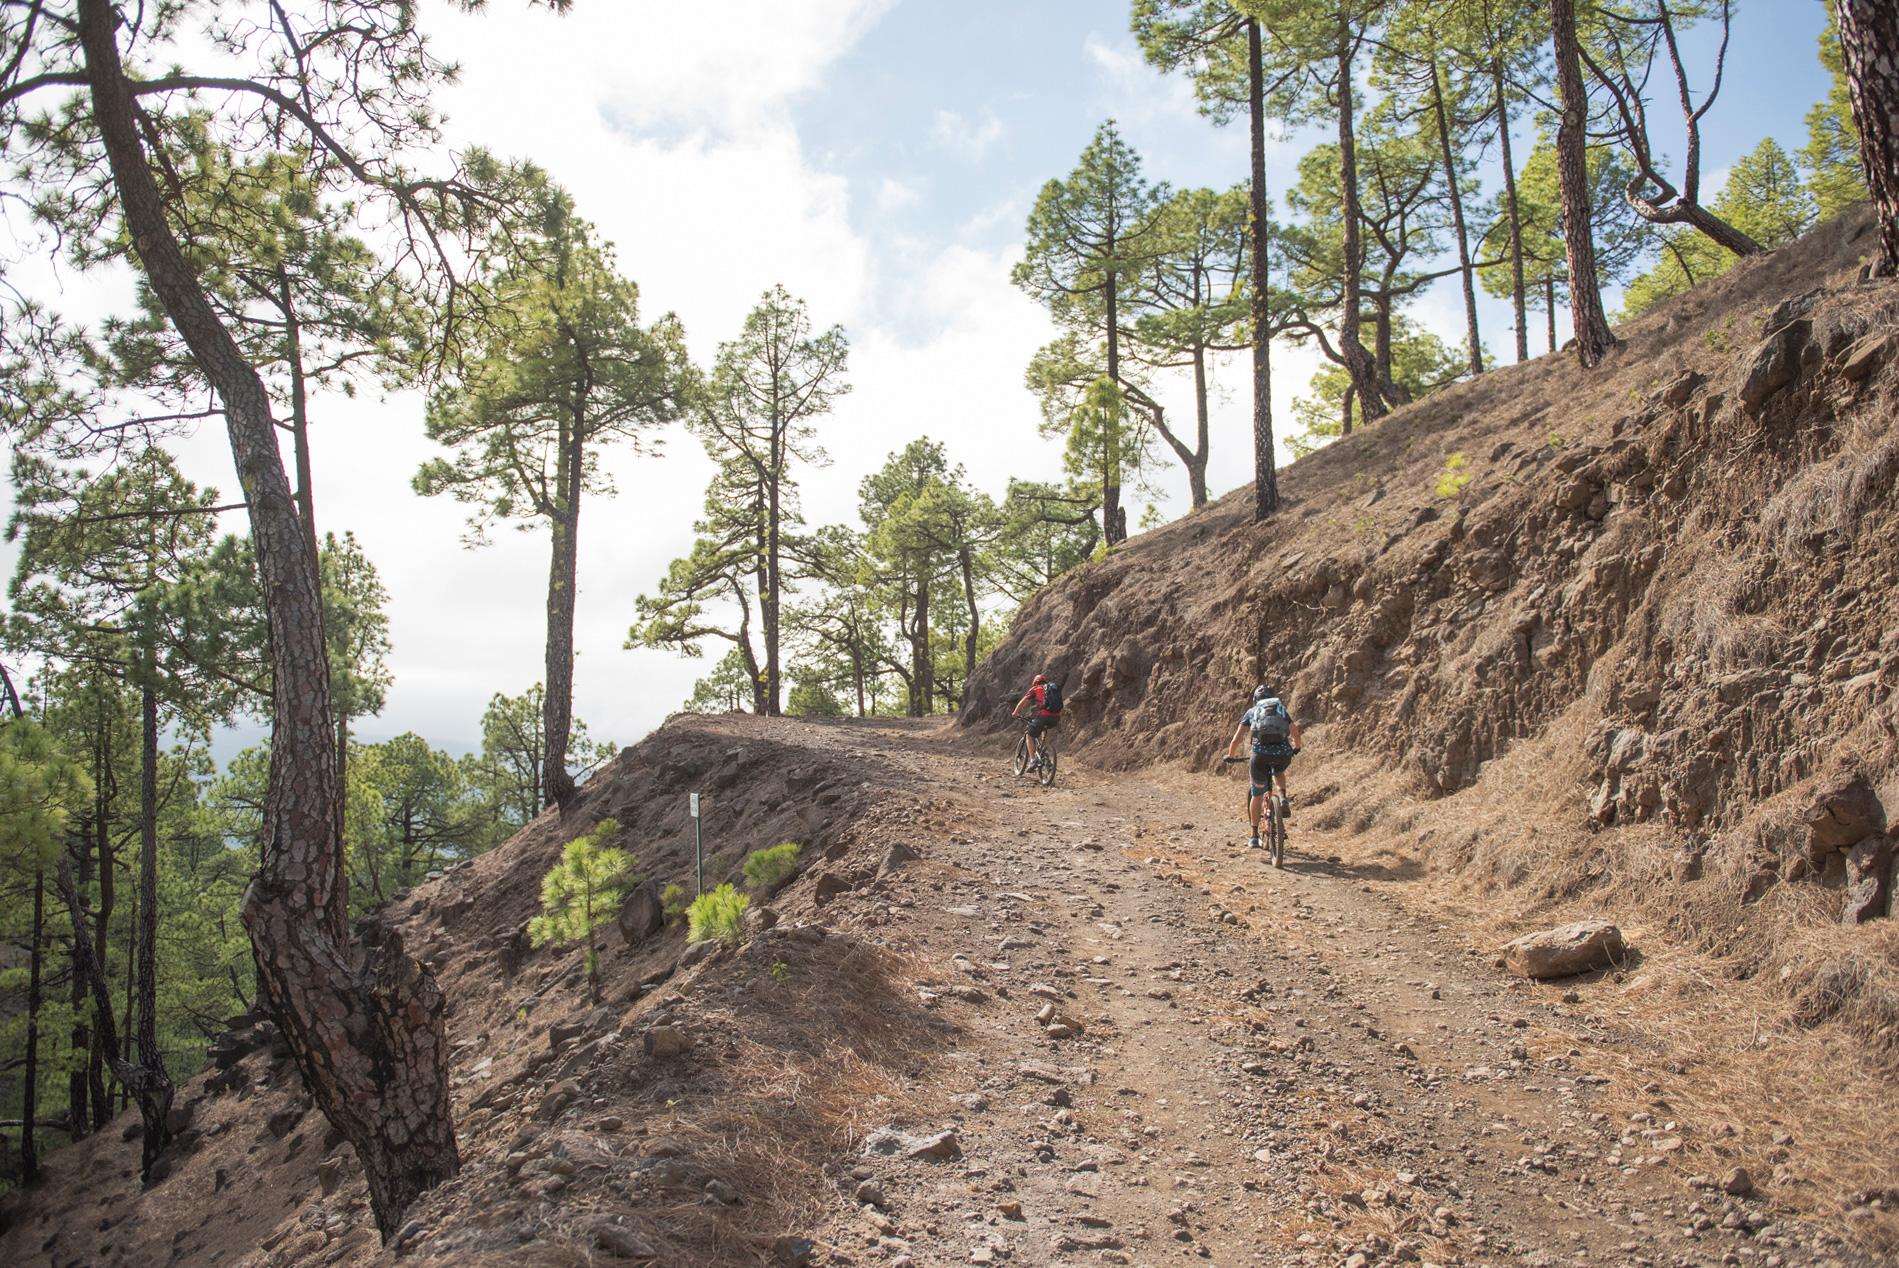 Uphill mit traumhafter Aussicht und durch duftende Kiefernwälder